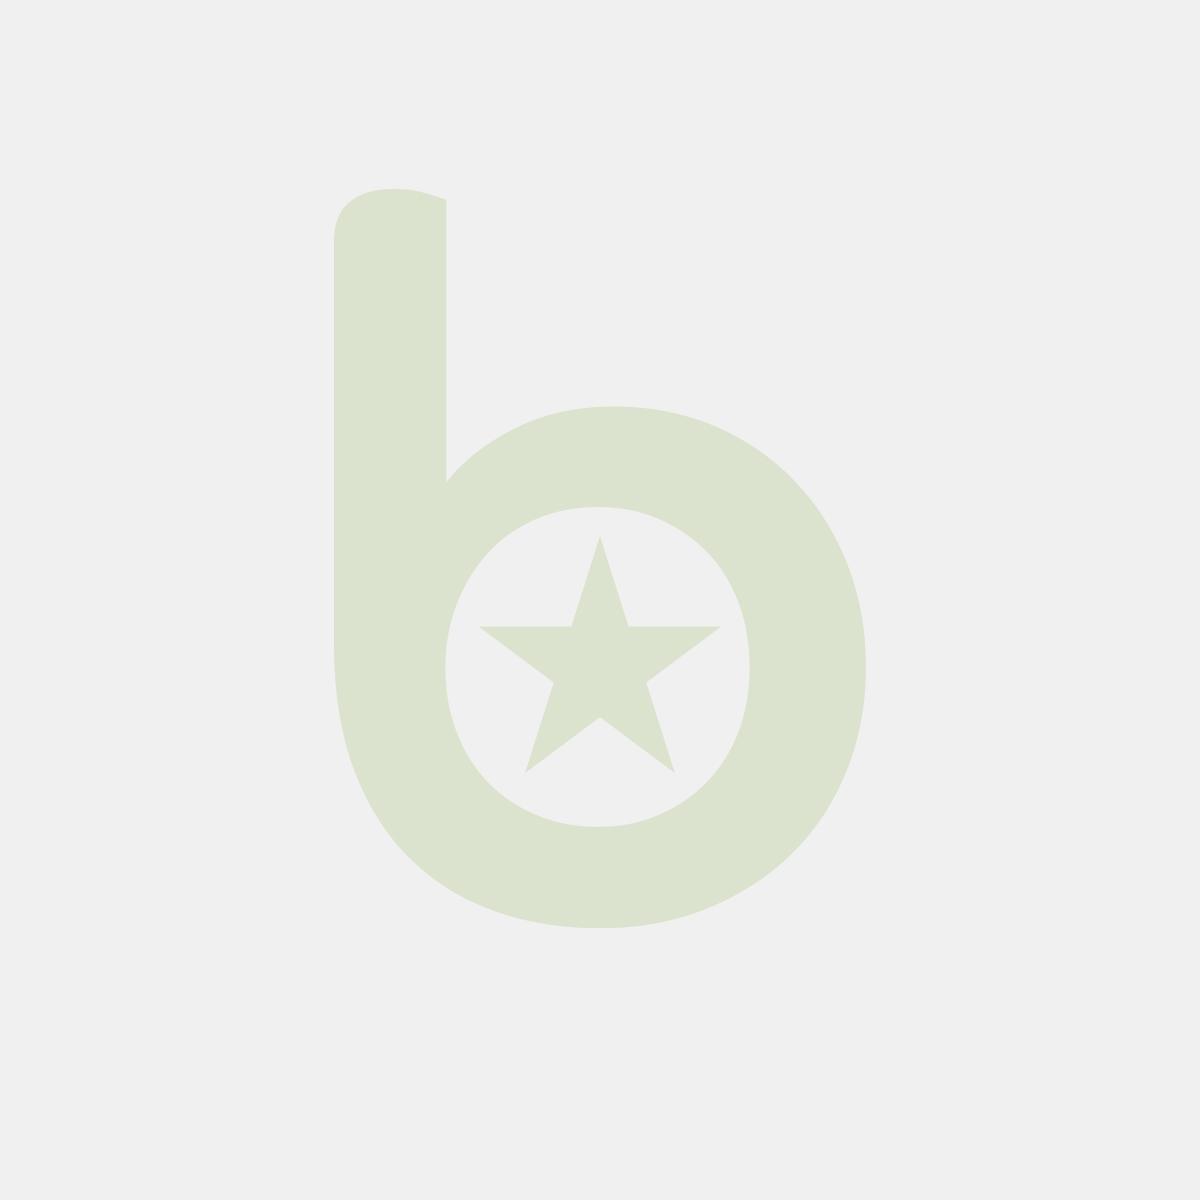 Pokrywka Do Pojemników Gn Z Polipropylenu Gn 1/2